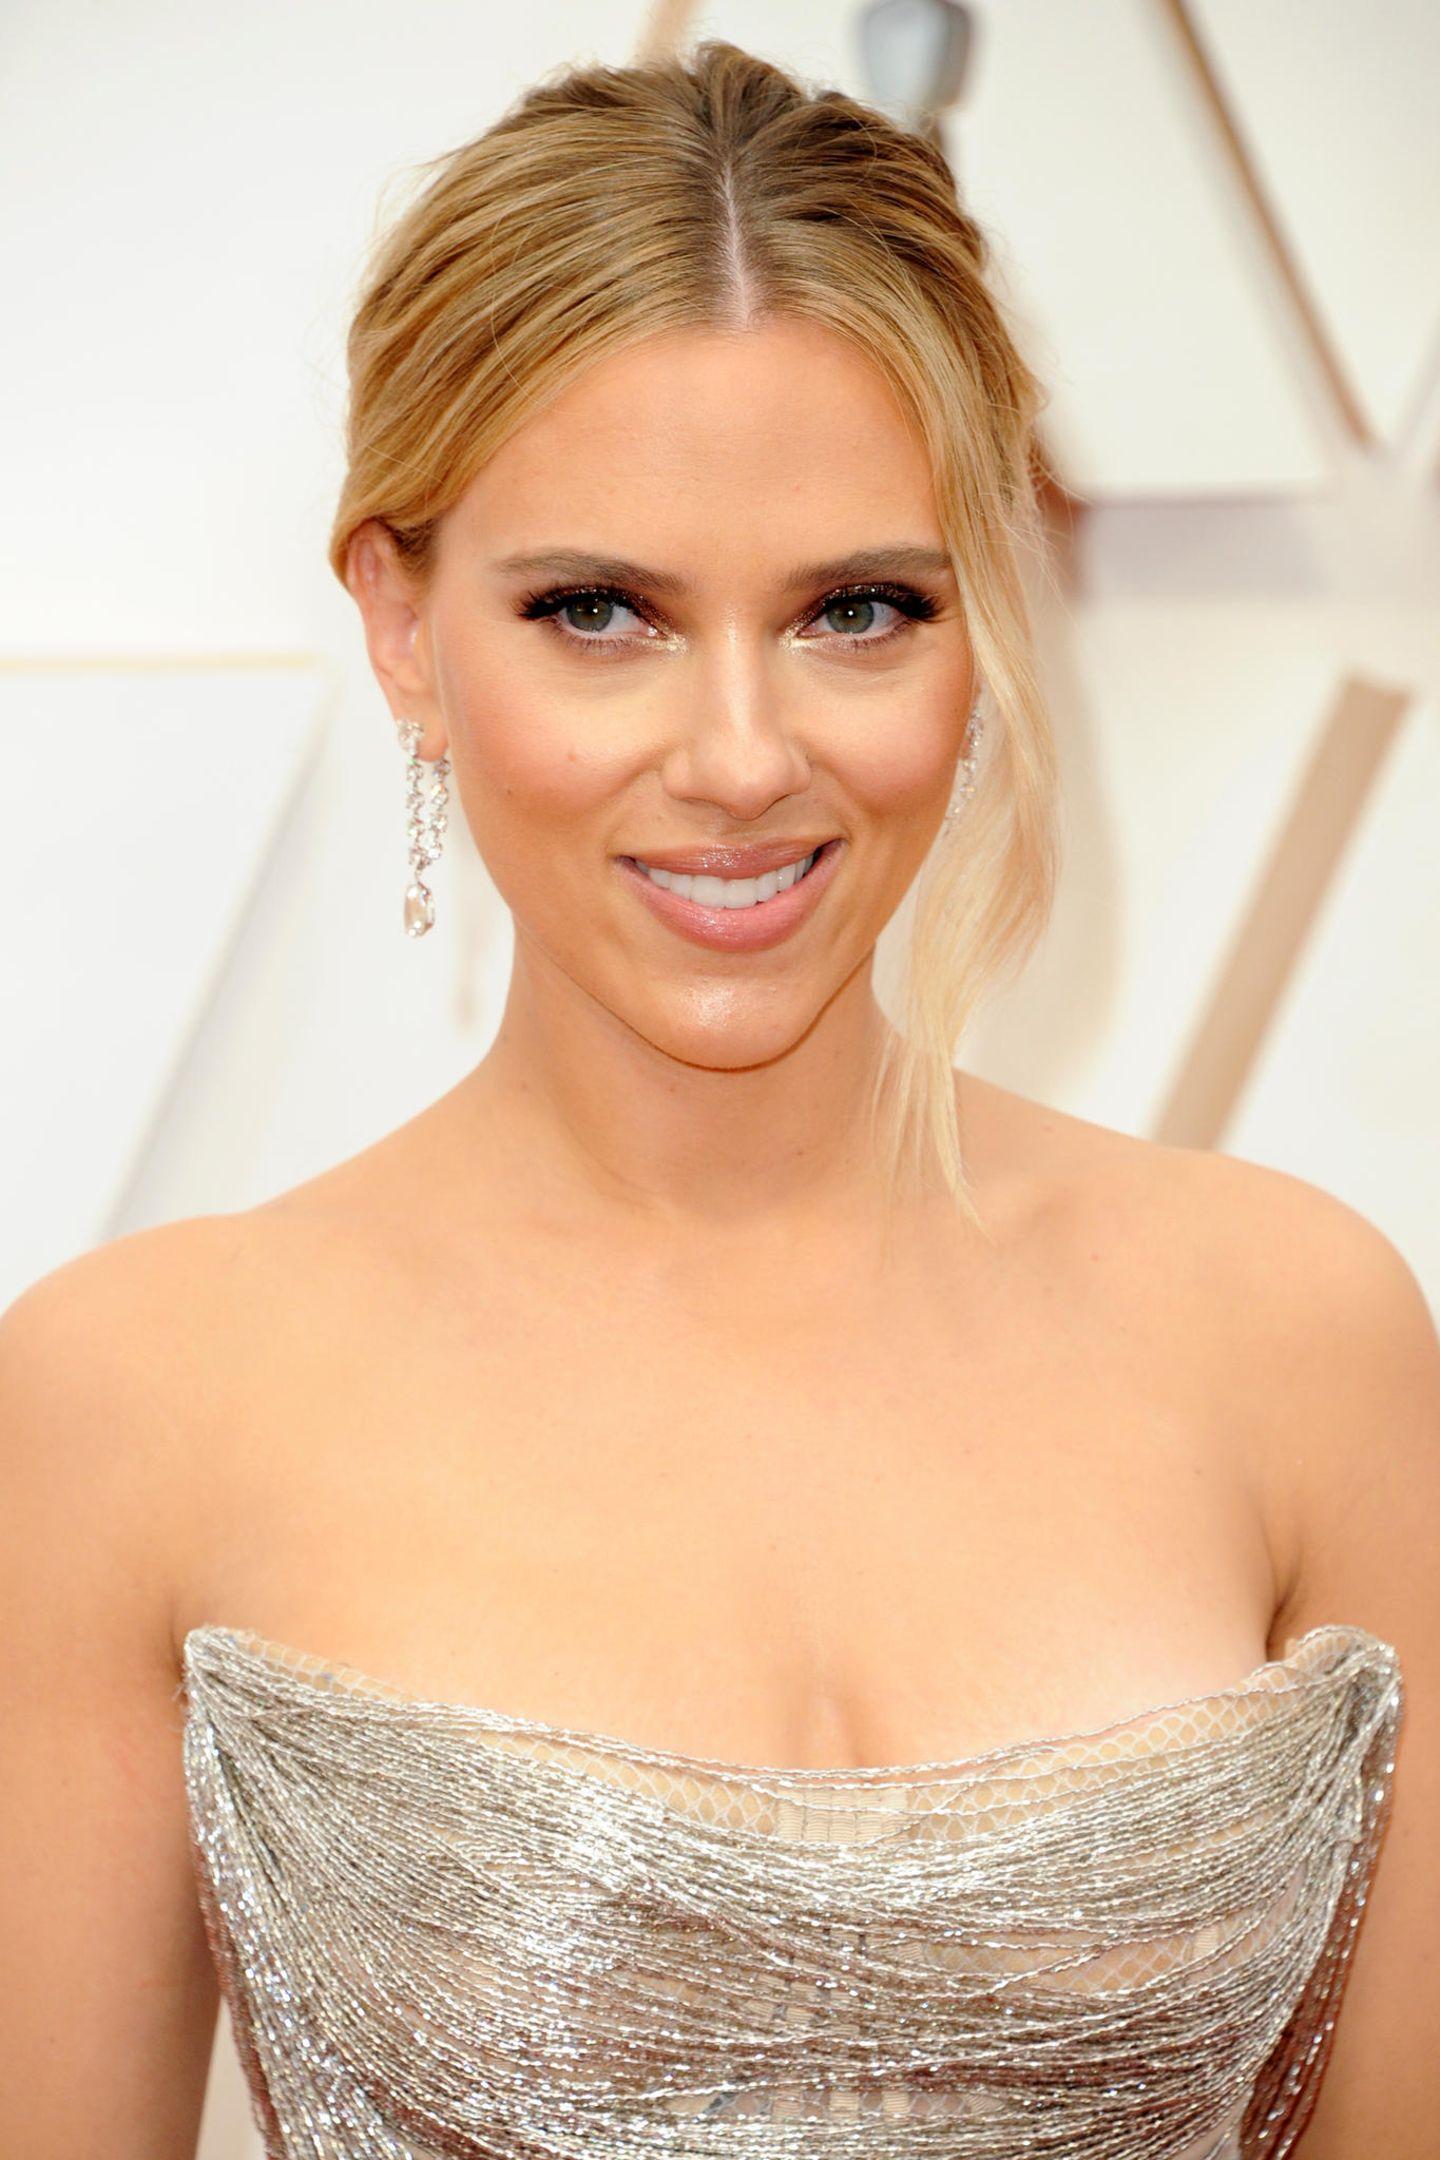 Scarlett Johansson war natürlich der Hingucker bei den Oscars: Die Augen sind dramatisch geschminkt mit funkelnden Highlights in den Innenwinkeln, Rouge in Rosé betont ihre Wangen.